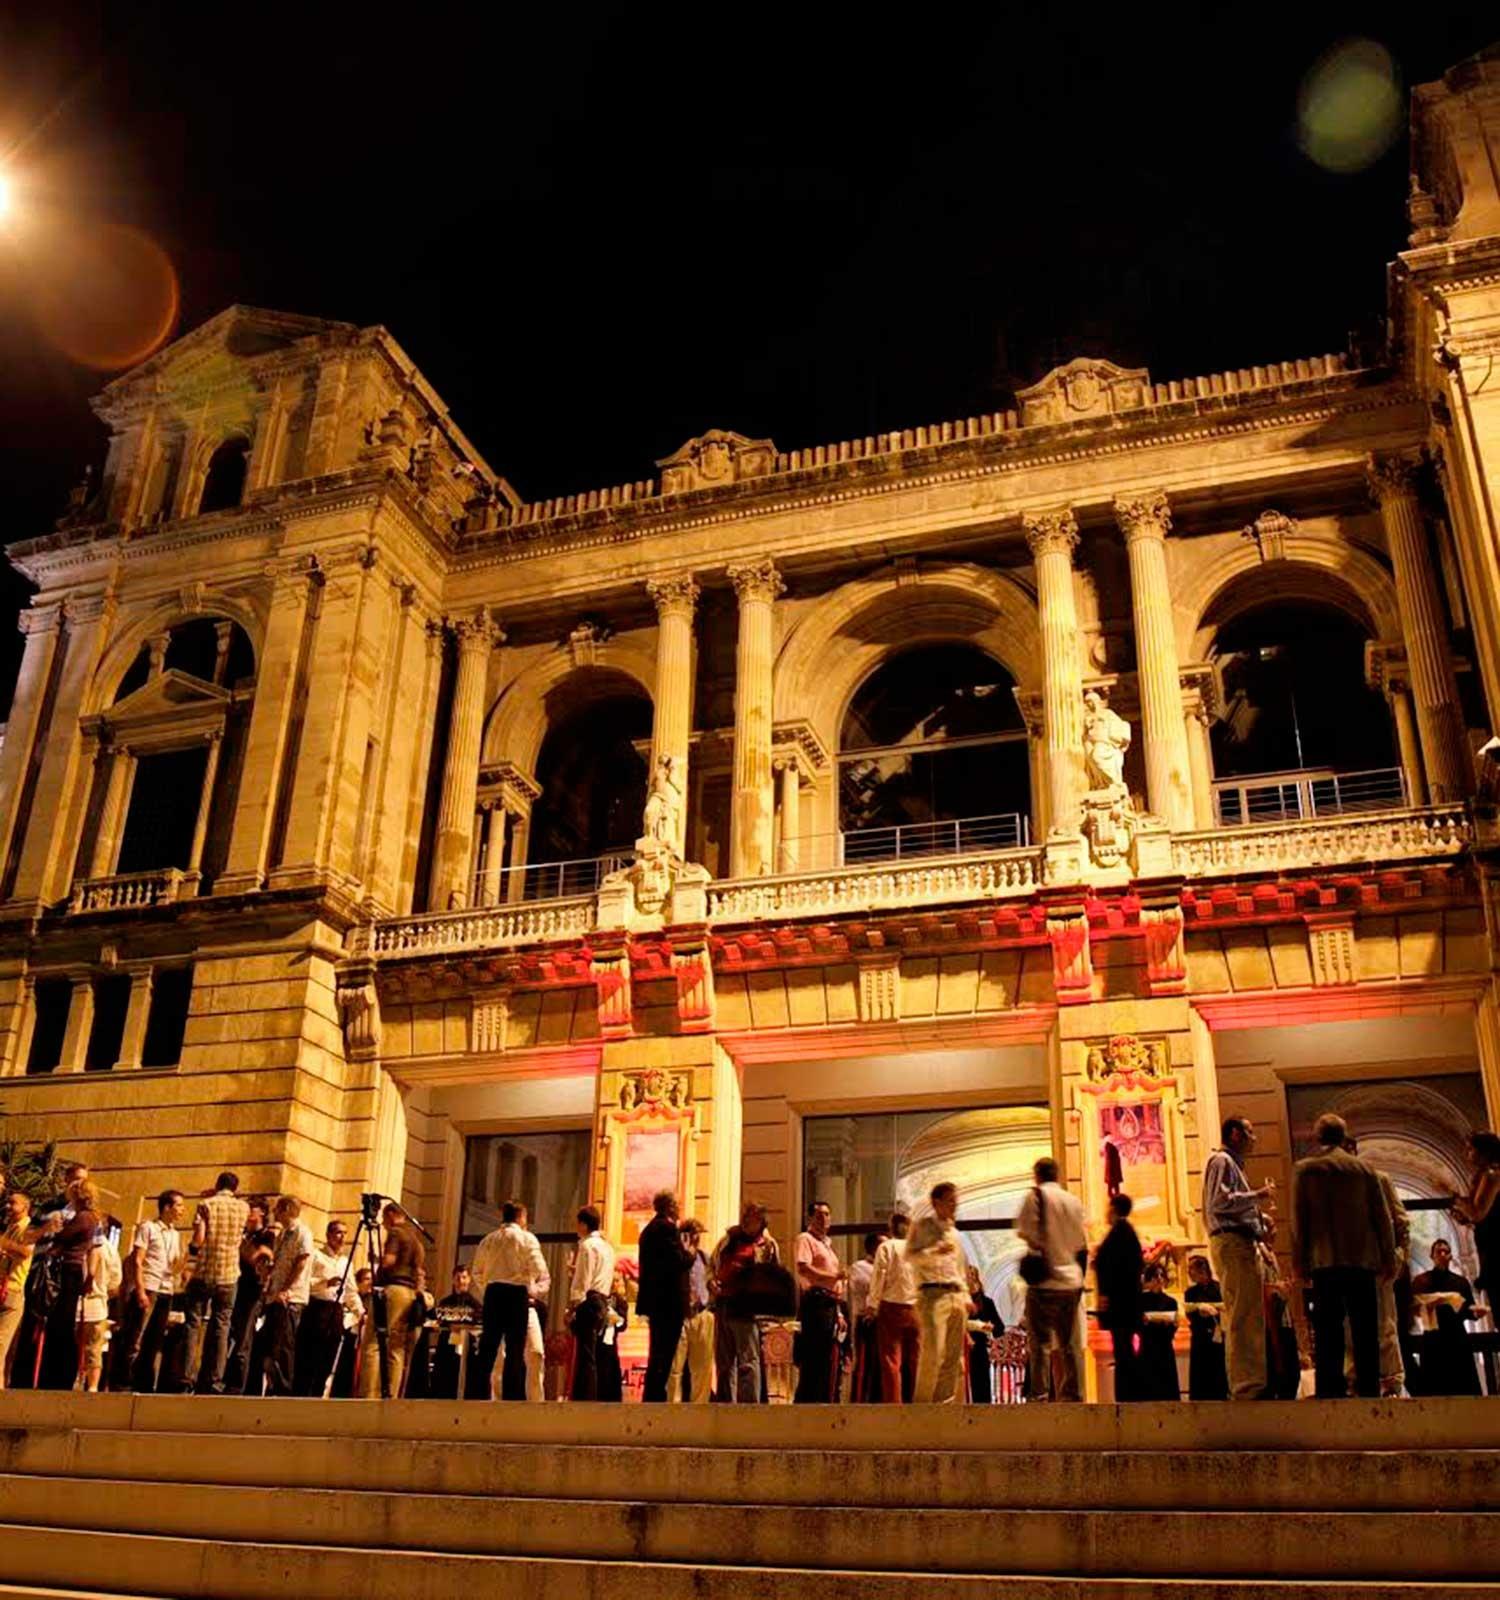 Museu Nacional - La Terrassa del Museu Nacional